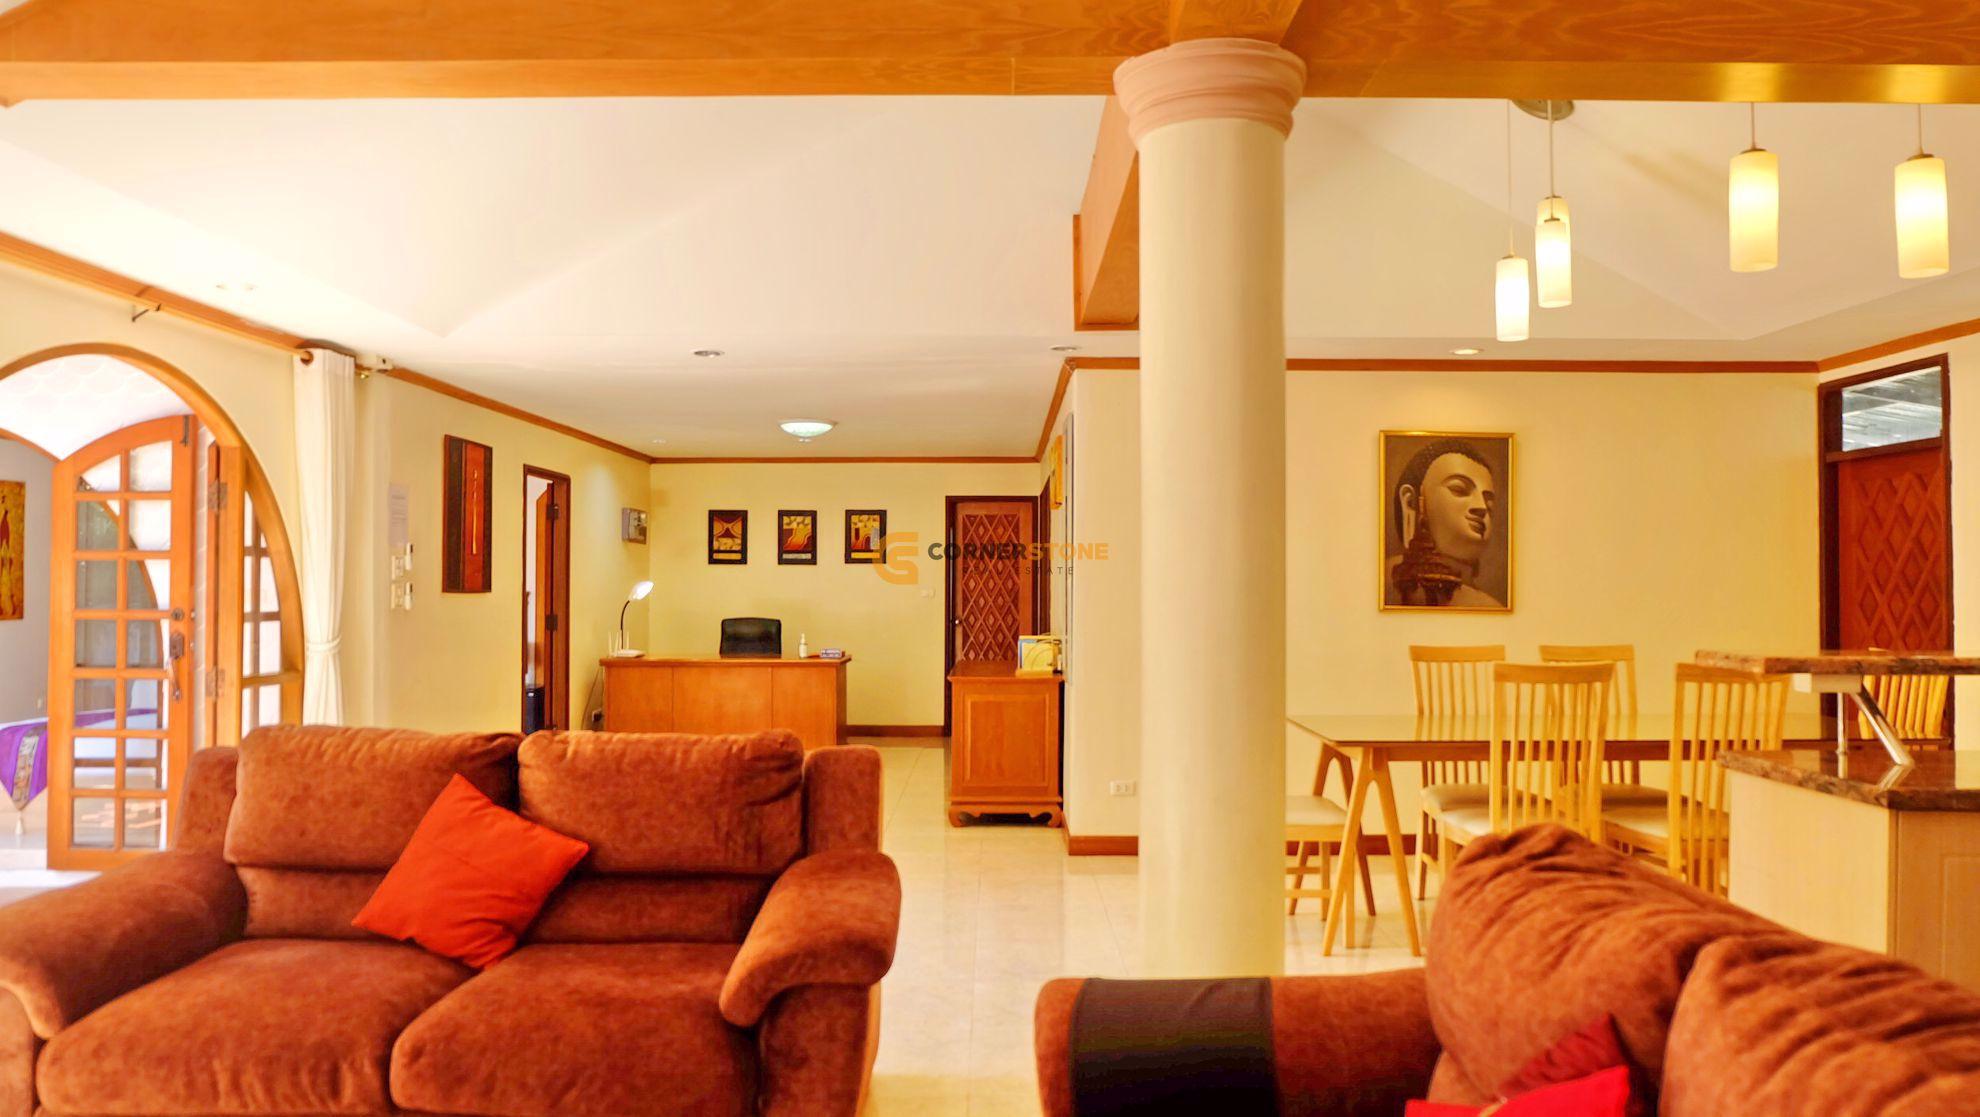 3 bedroom House in Grand Condotel Jomtien